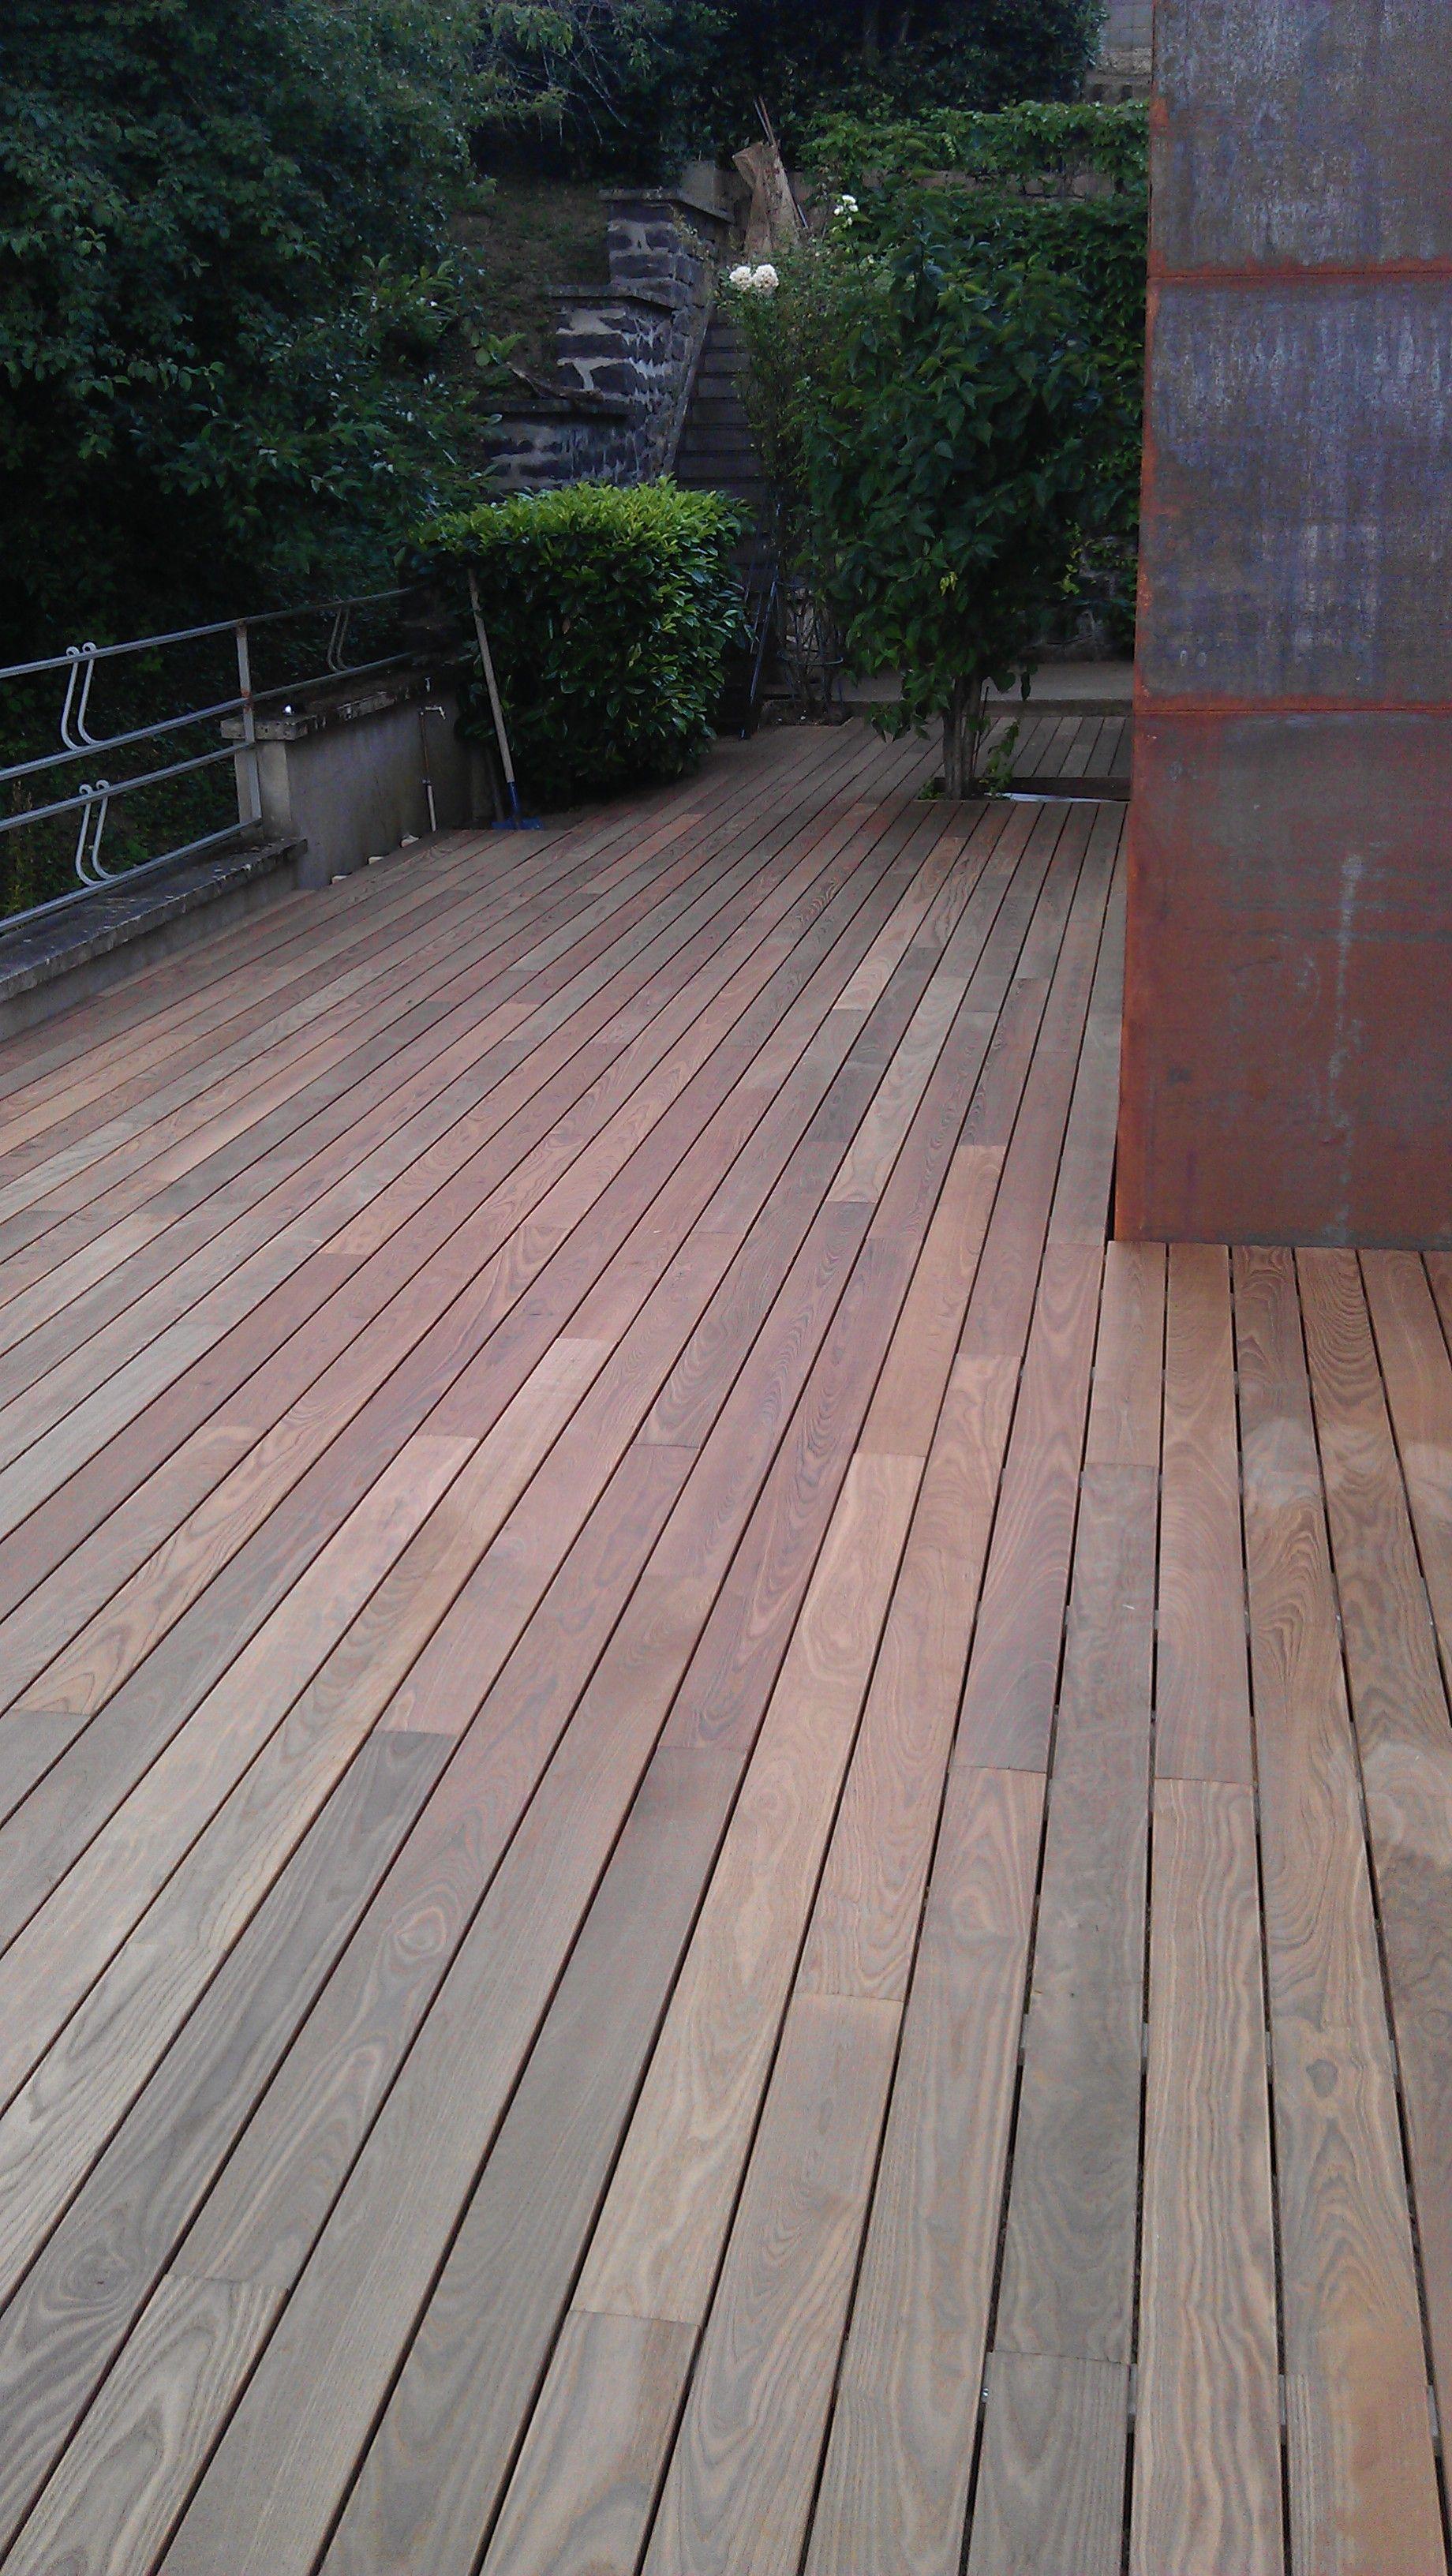 Terrasse En Bois Sur Plot : terrasse, D'une, Terrasse, Thermo-frêne, Chamalières, Balcon, Amenagement, Jardin,, Terrasse,, Plots